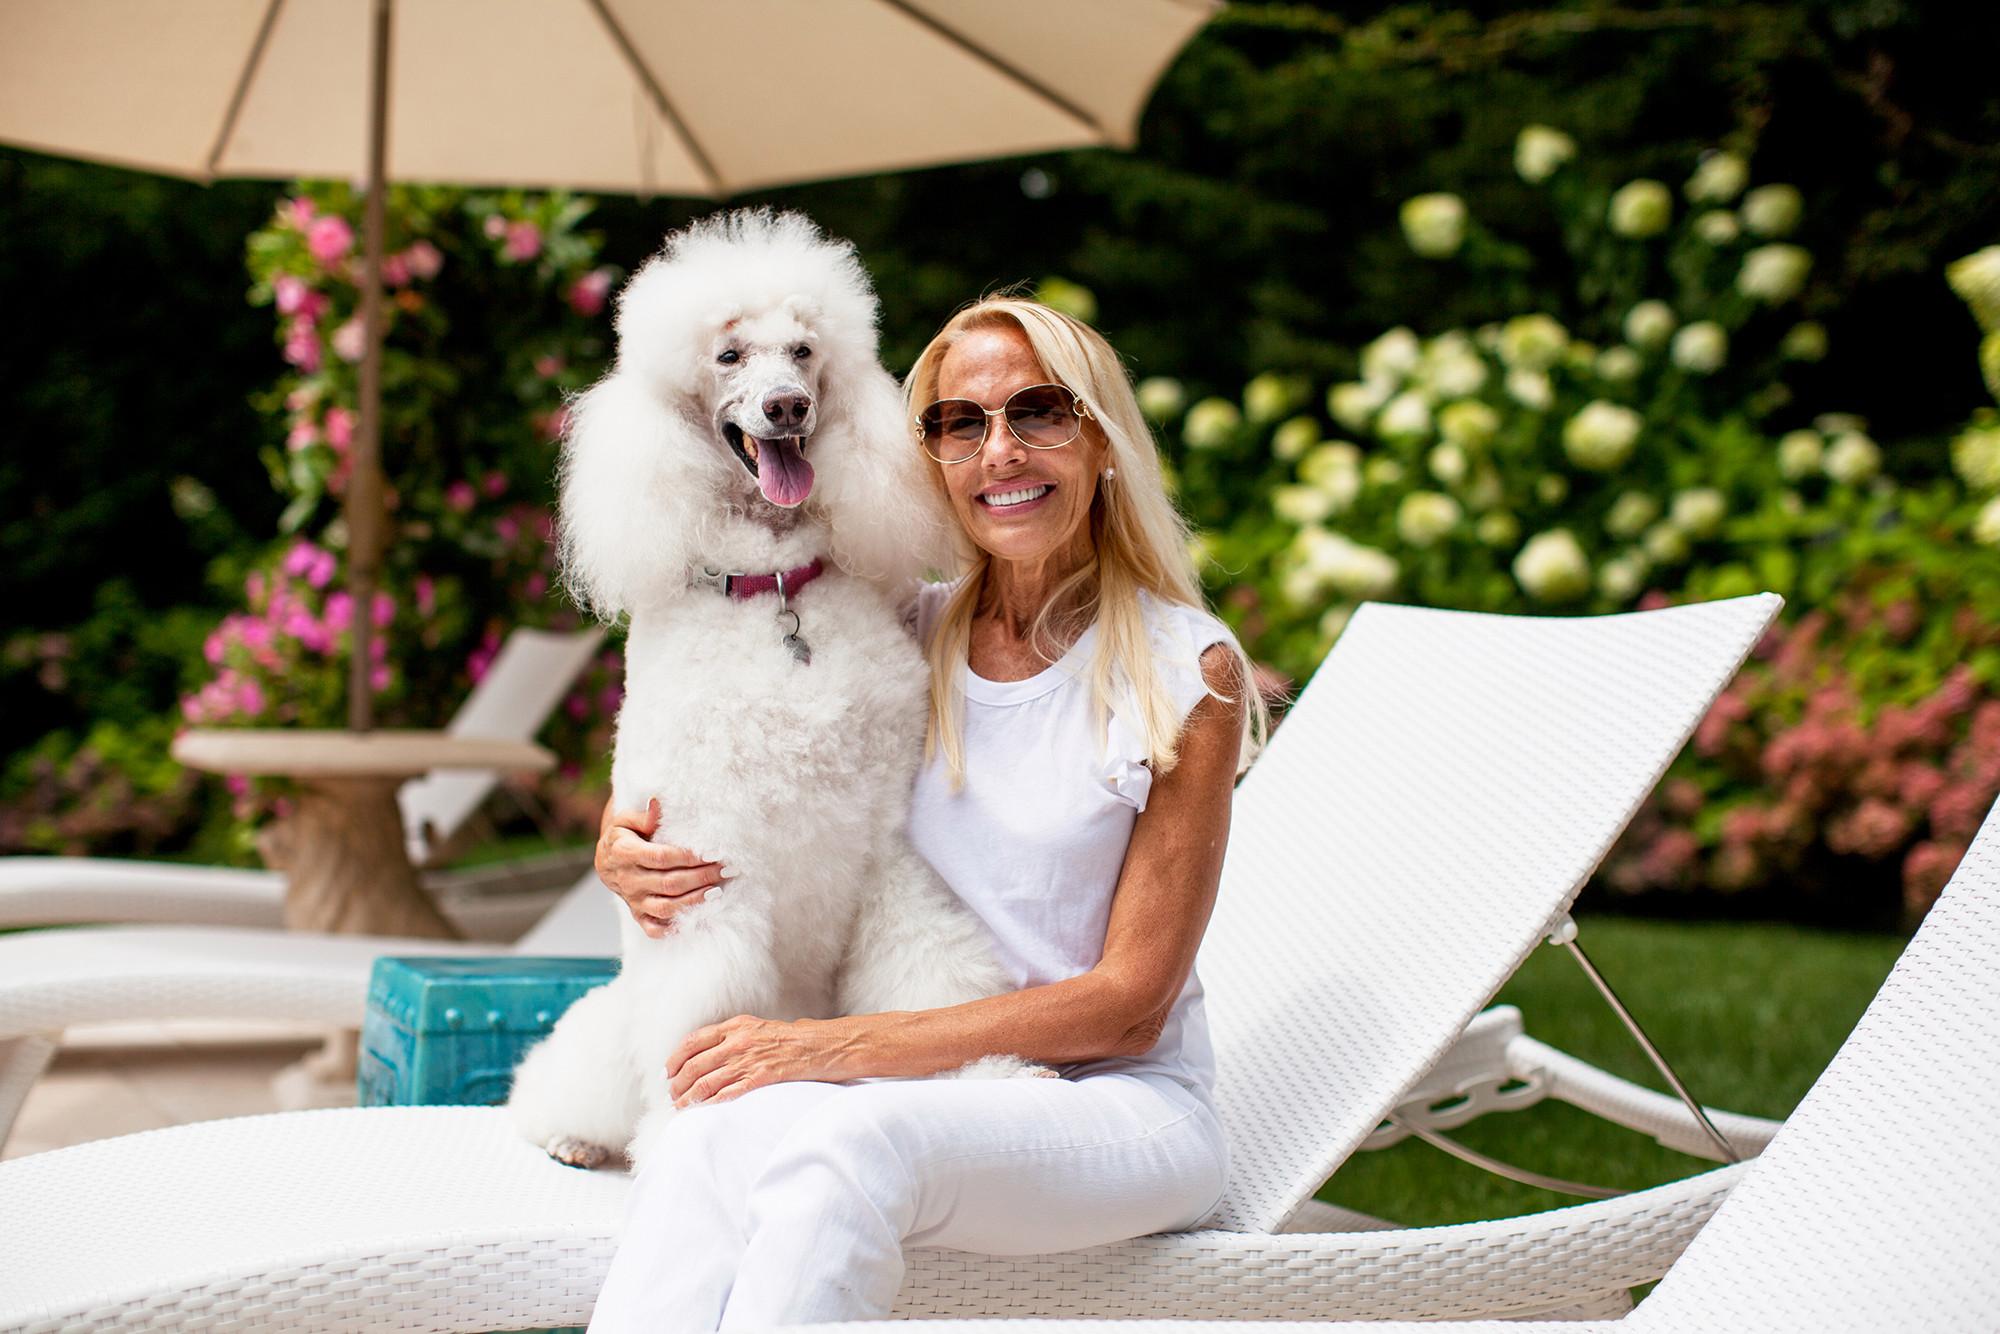 Marilyn và con chó của cô, Delilah, sau khi được tắm gội, massage. Ảnh: Nypost